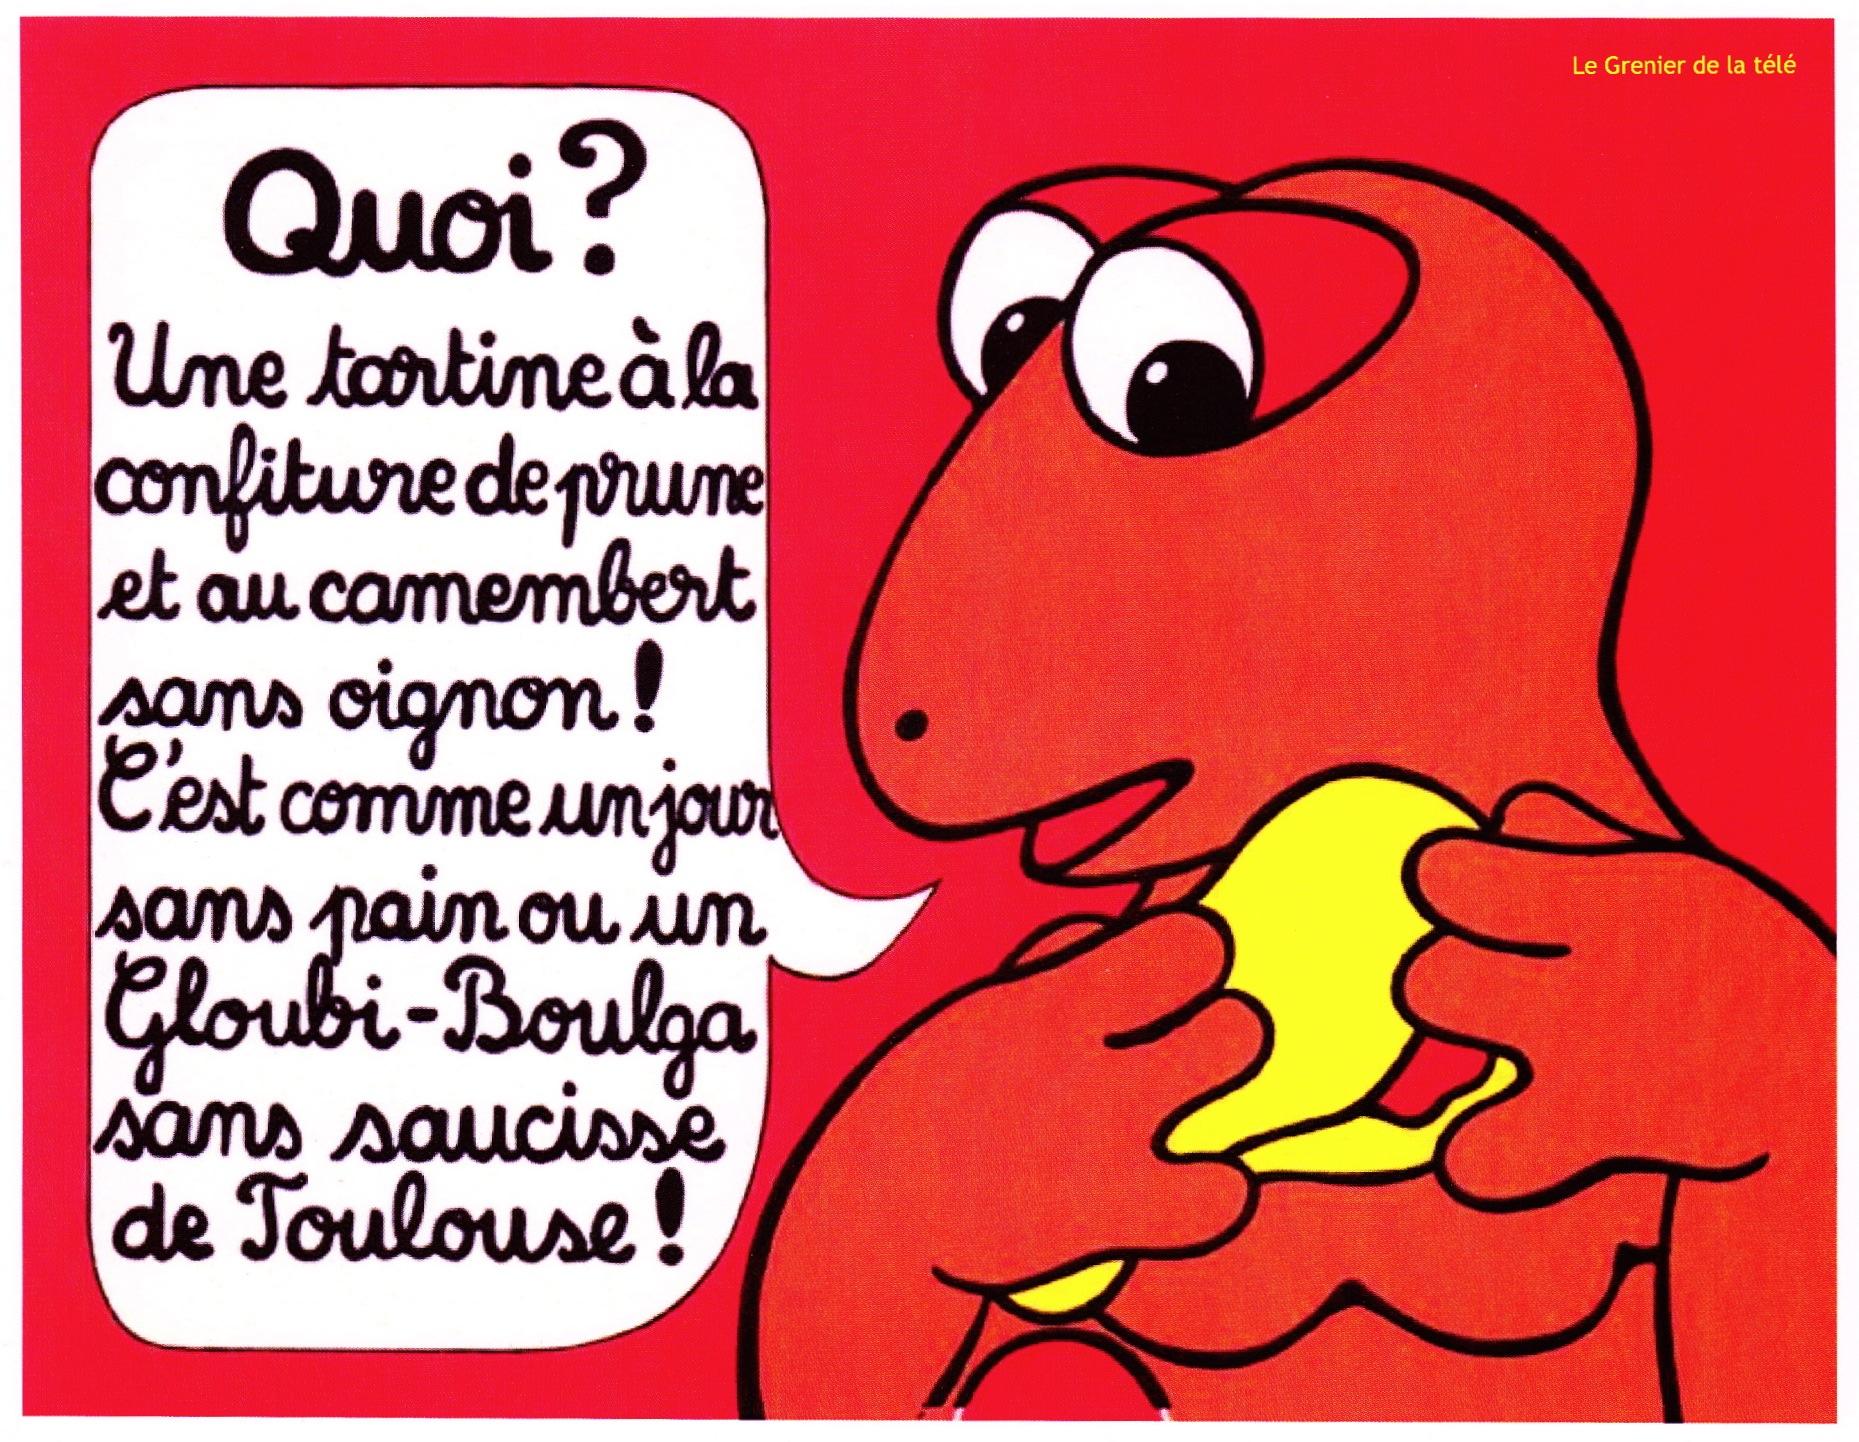 http://grenierdelatv.free.fr/2/casimircarte01.jpg